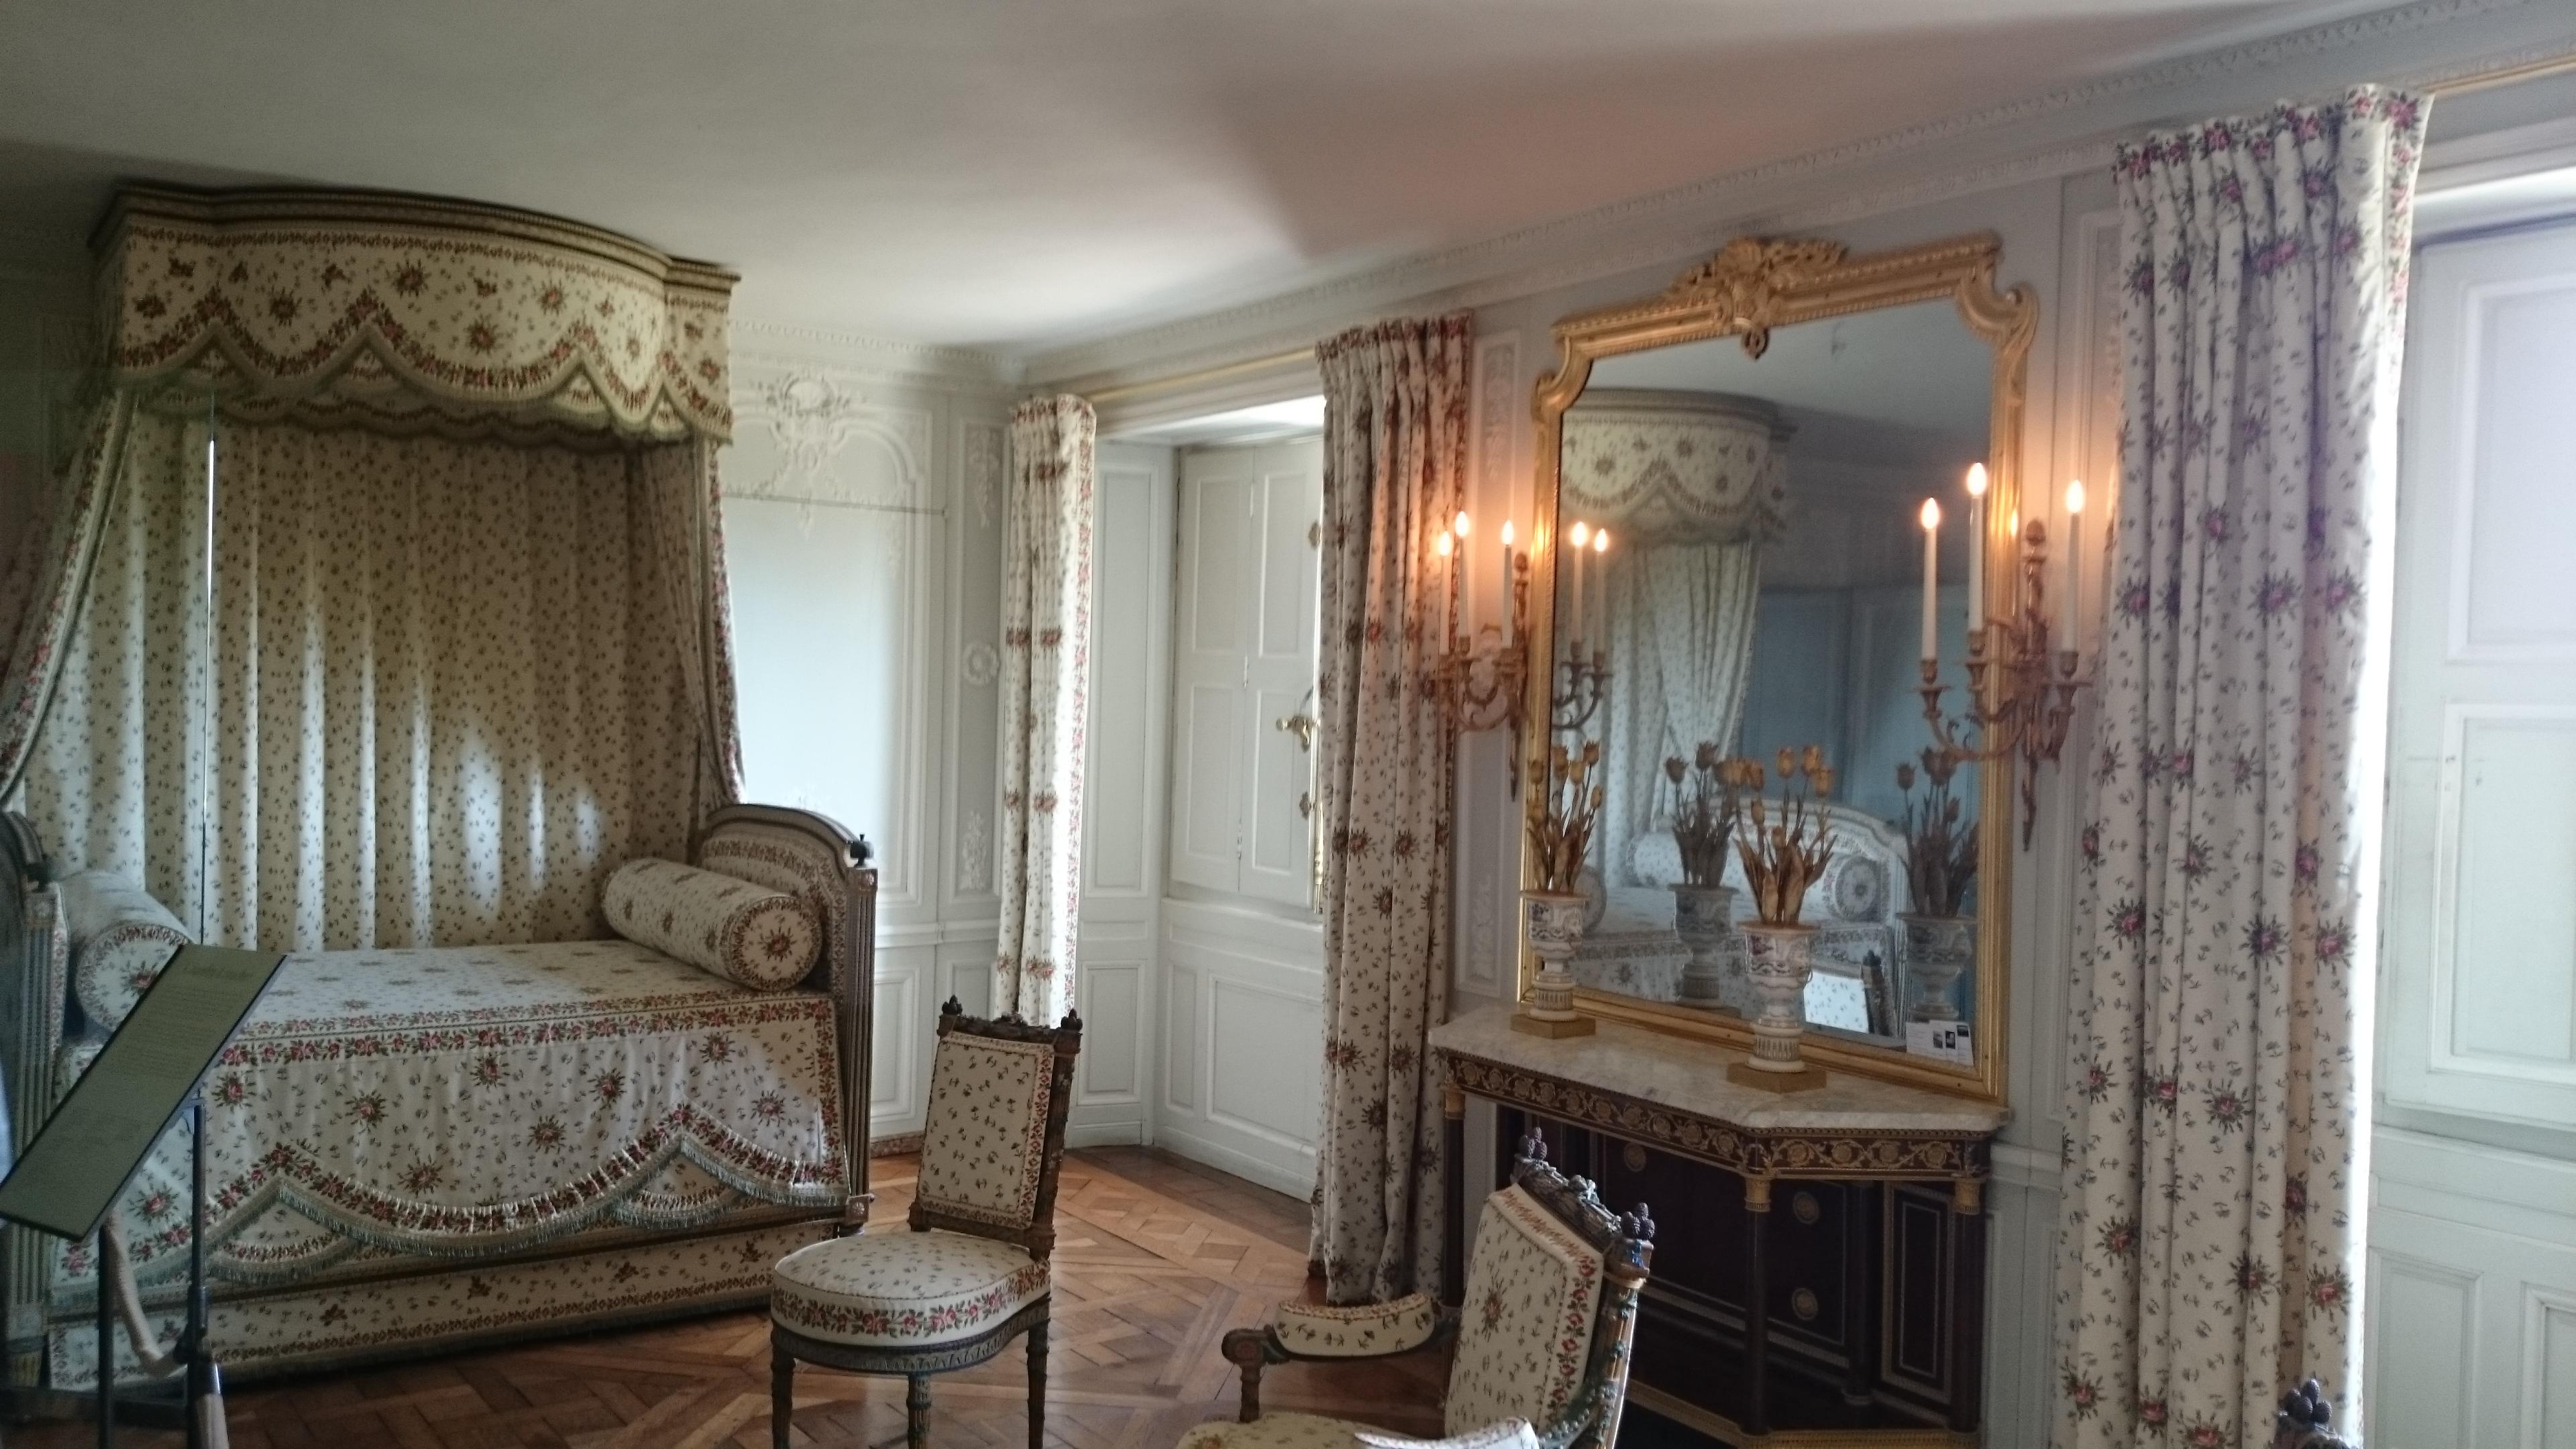 dsc 1275 - Visita al Palacio de Versalles: Como ir, cuanto cuesta y tips II/III